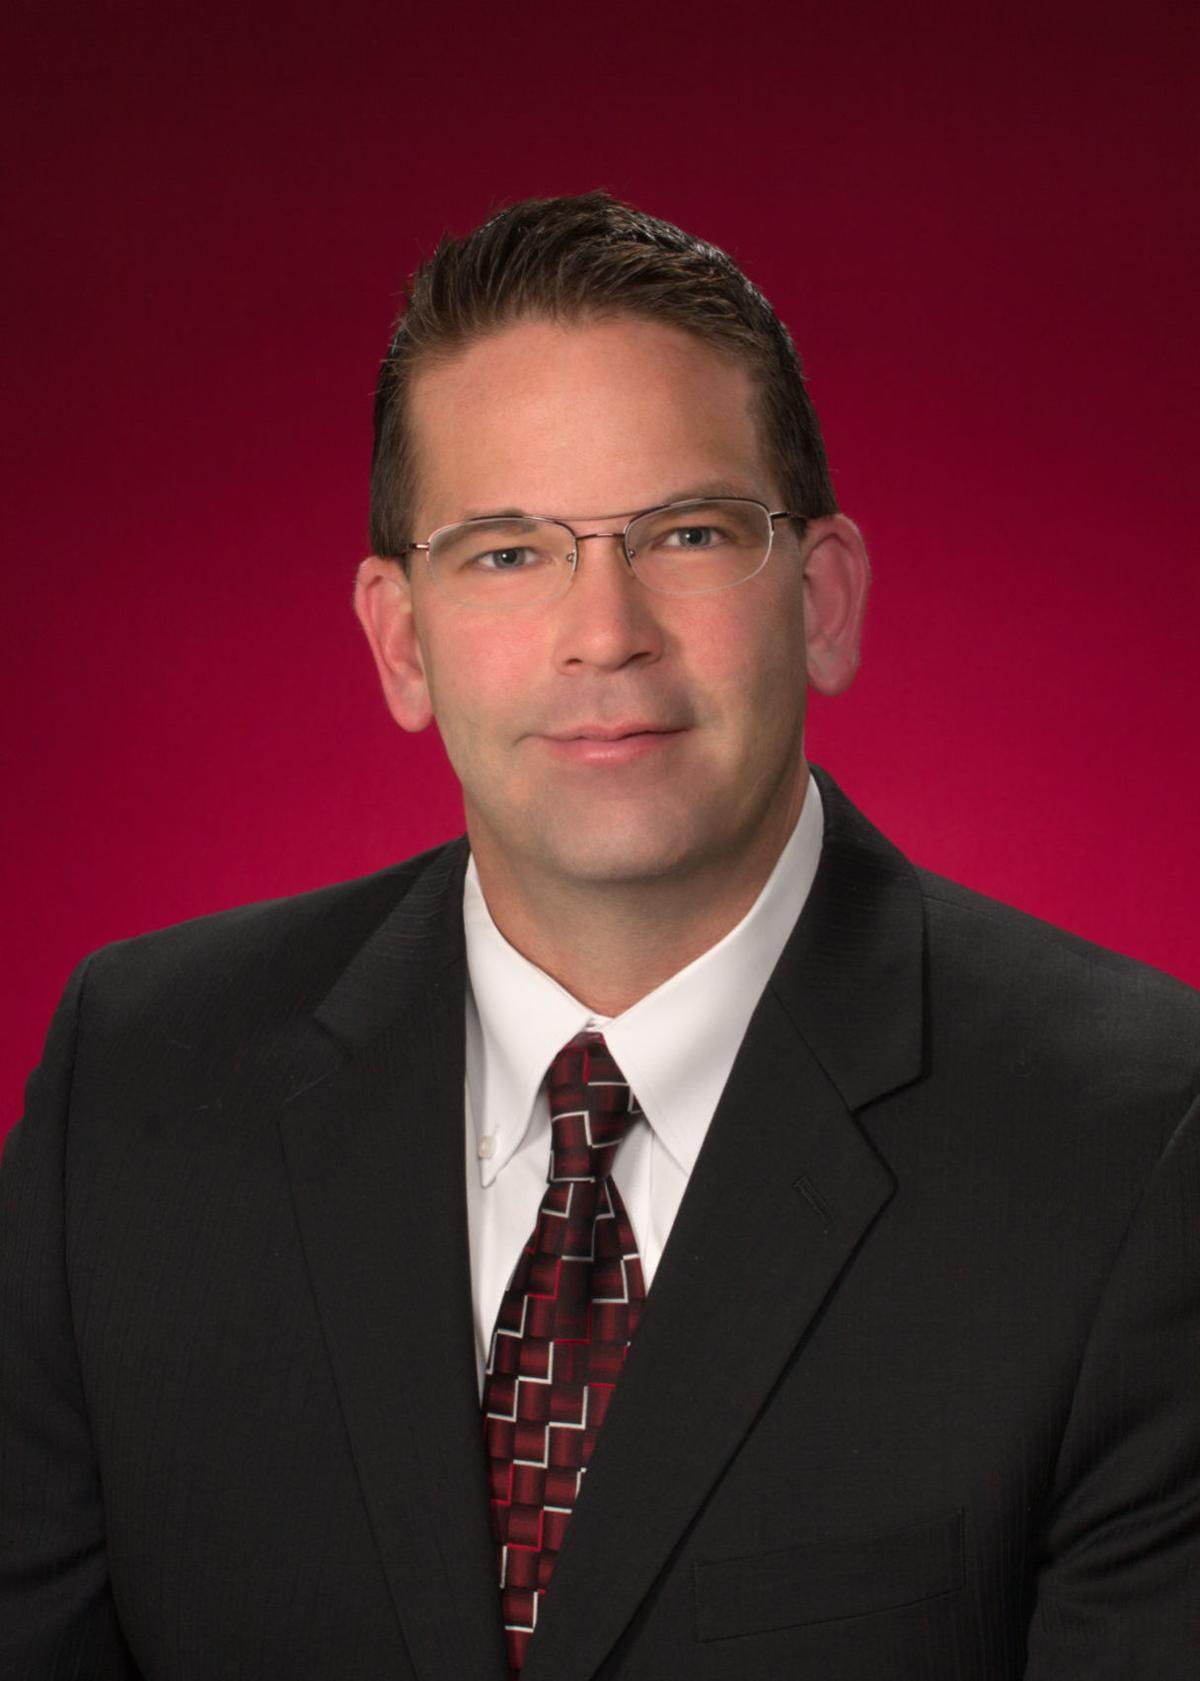 Jeff Zewe